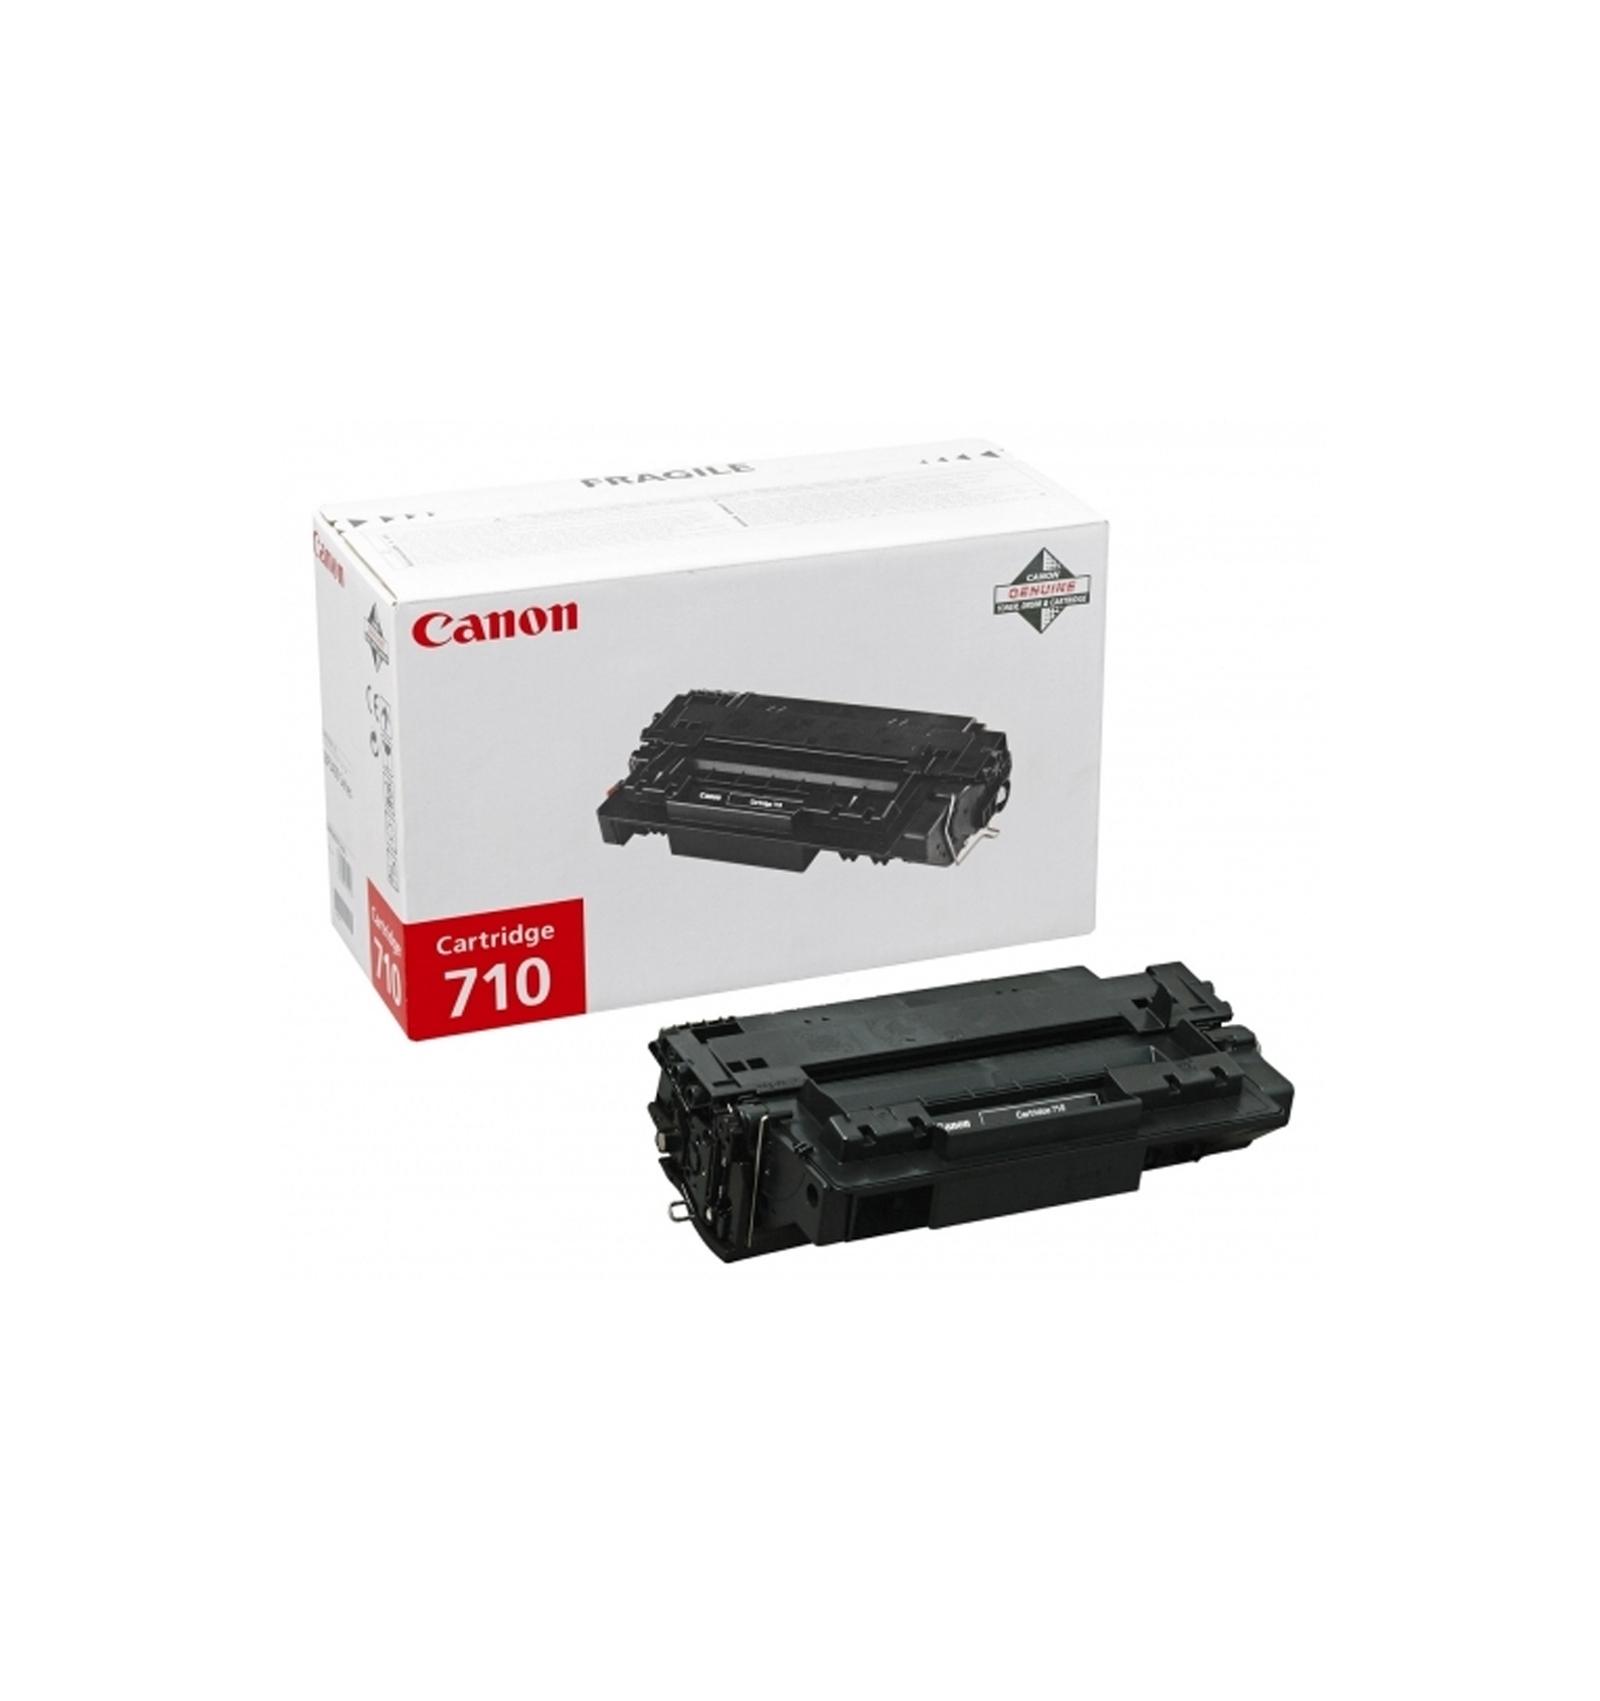 Заправка тонером картриджа Canon 710 для LBP-3460